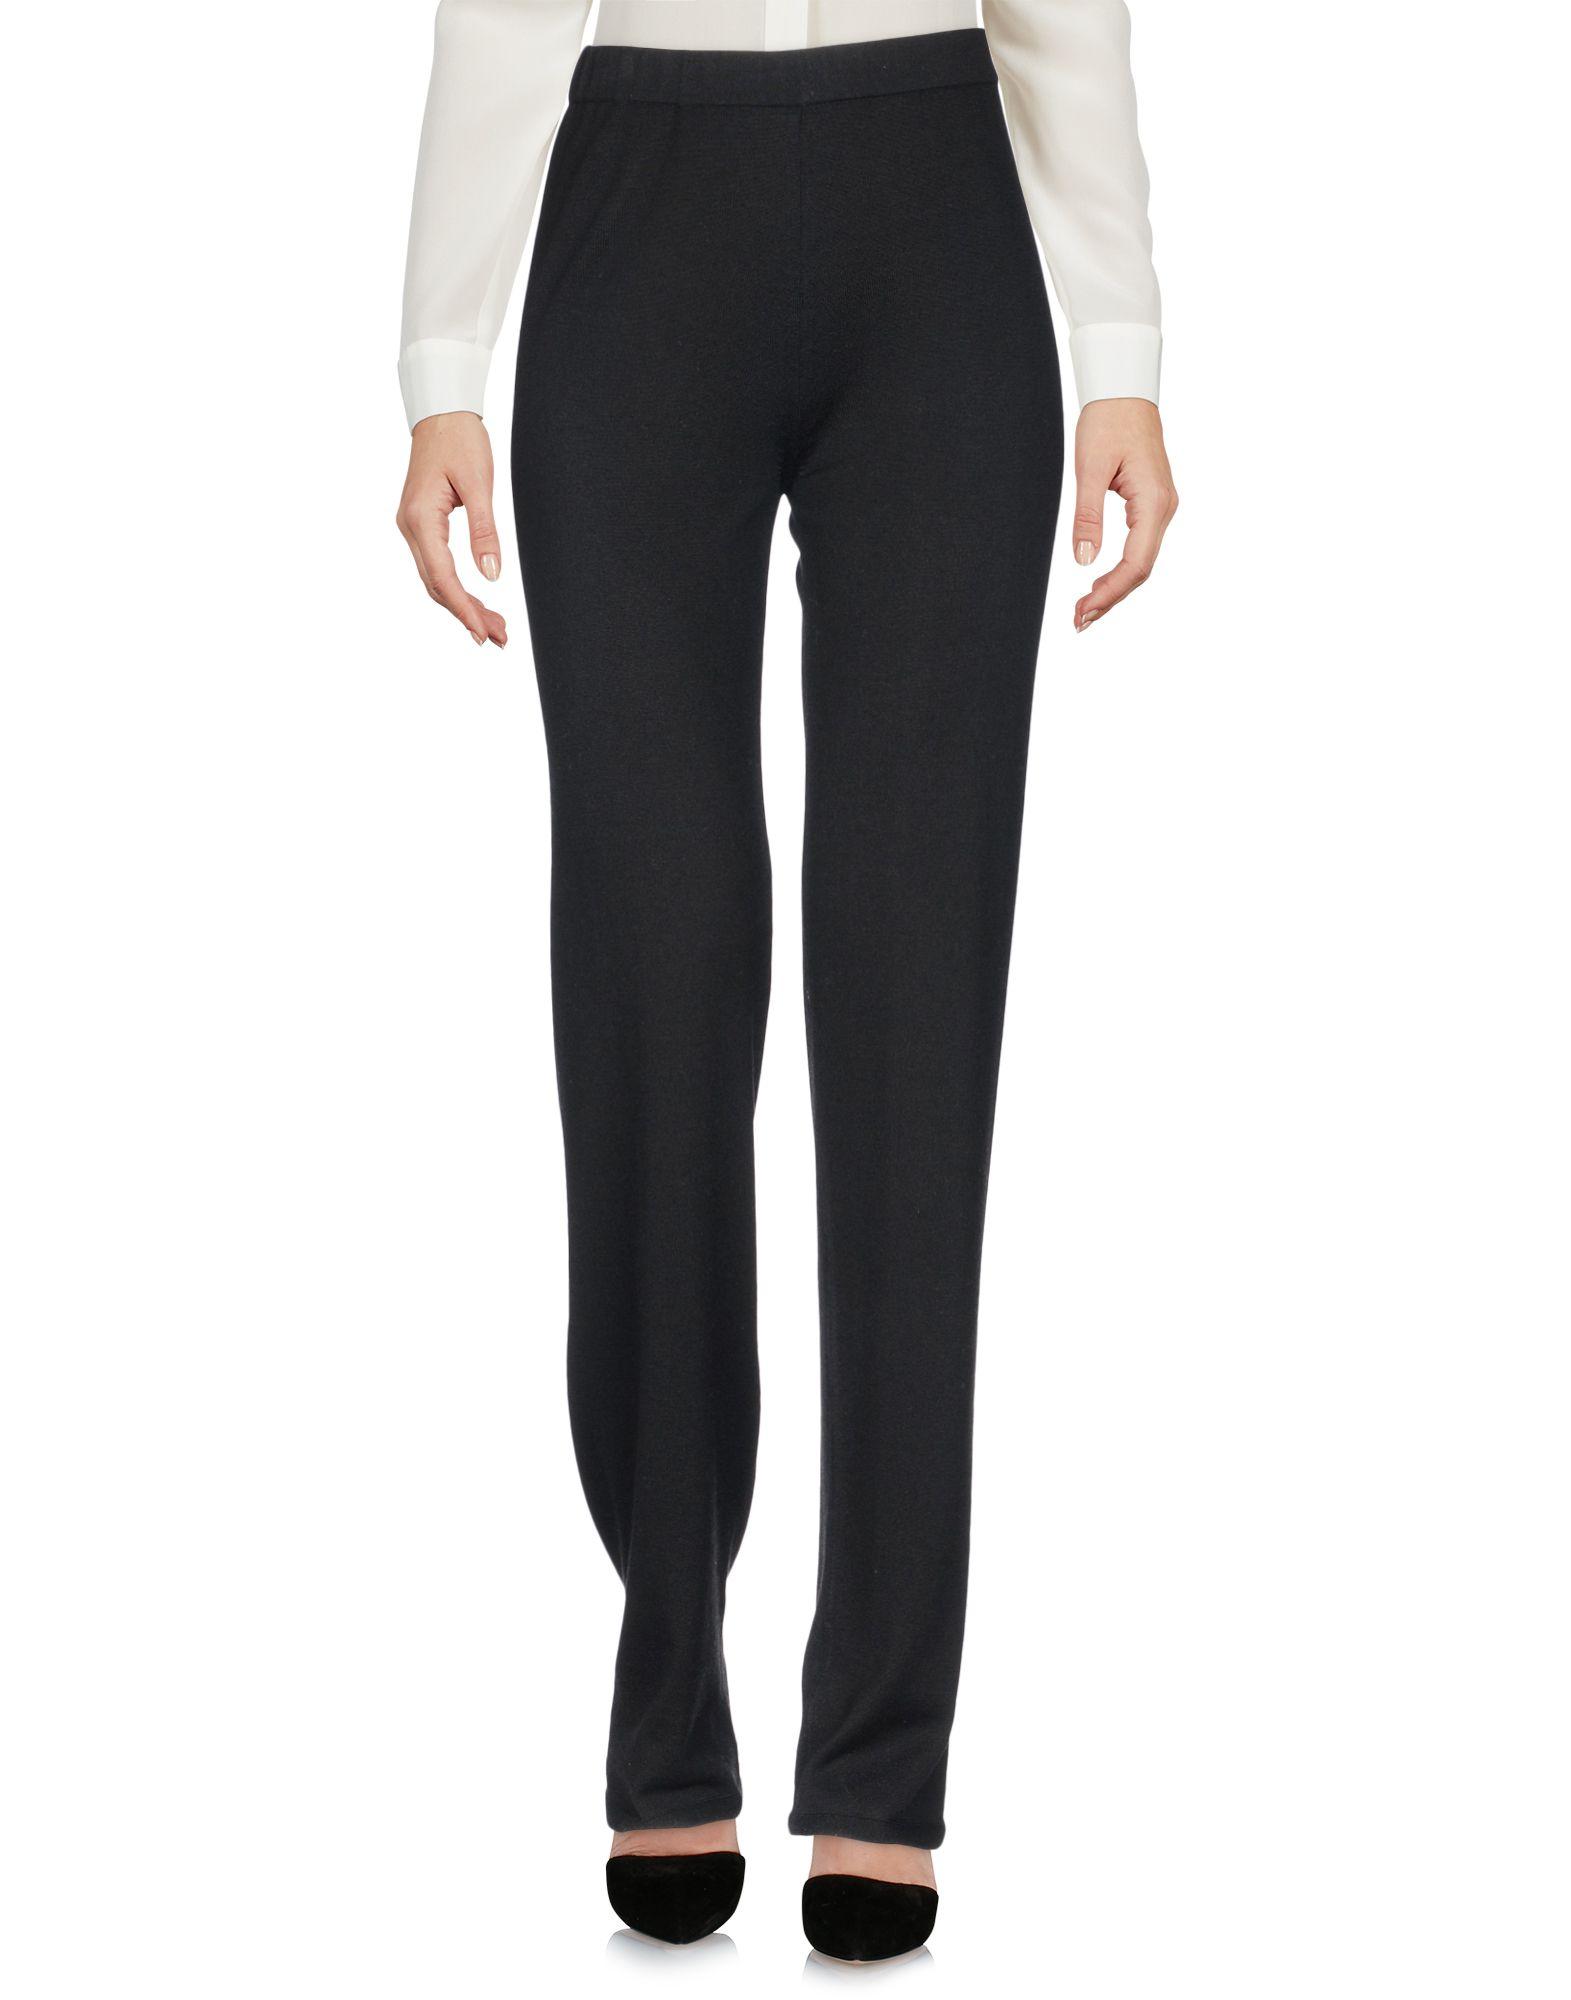 Pantalone Gentryportofino damen - 13209509FR